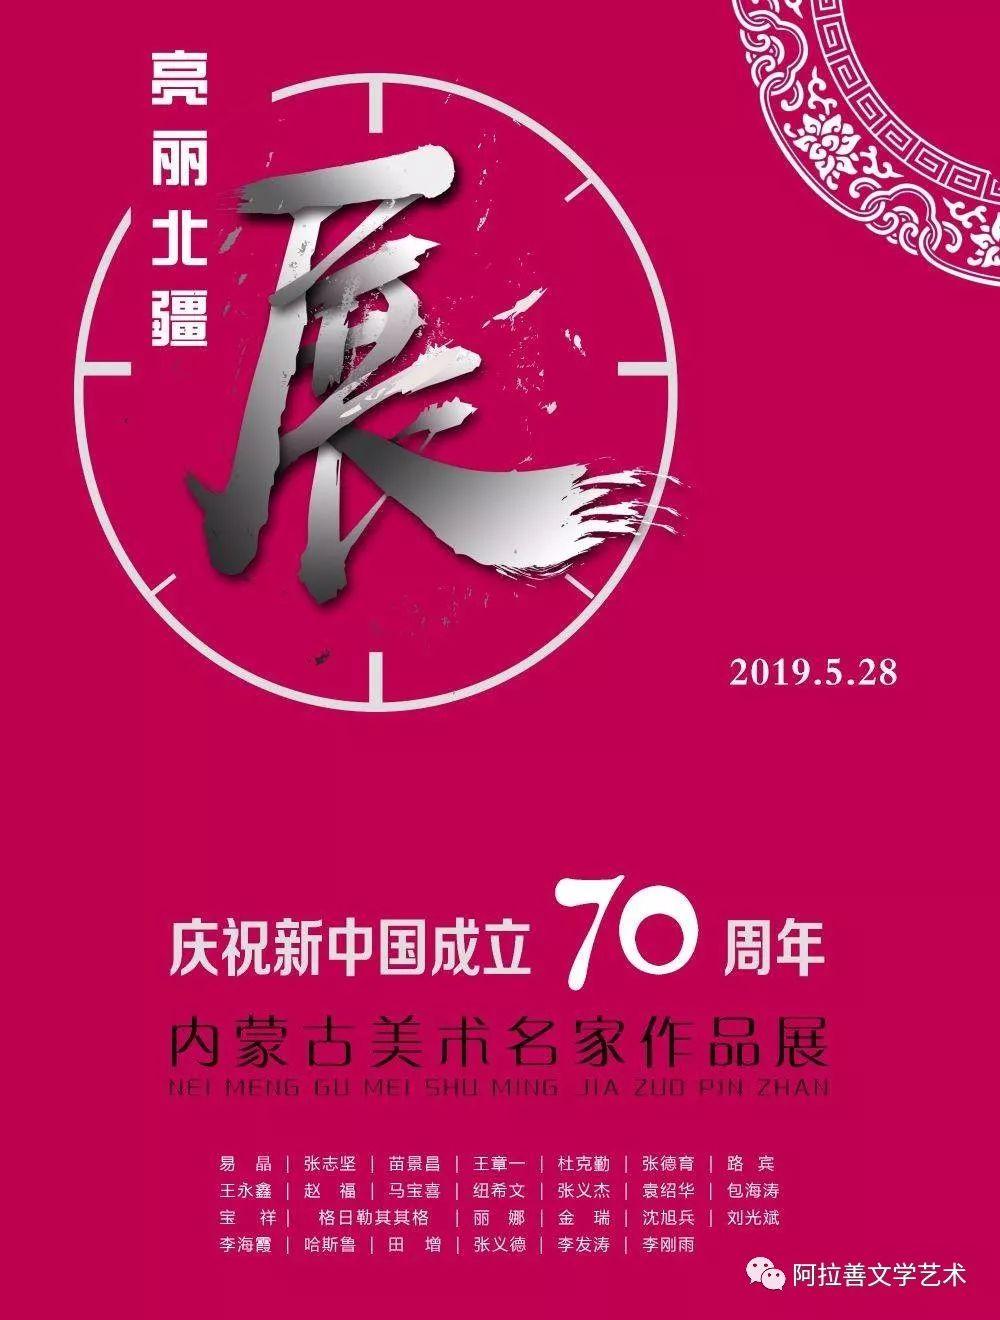 展讯:内蒙古美术名家作品展将于5月28日开展 第2张